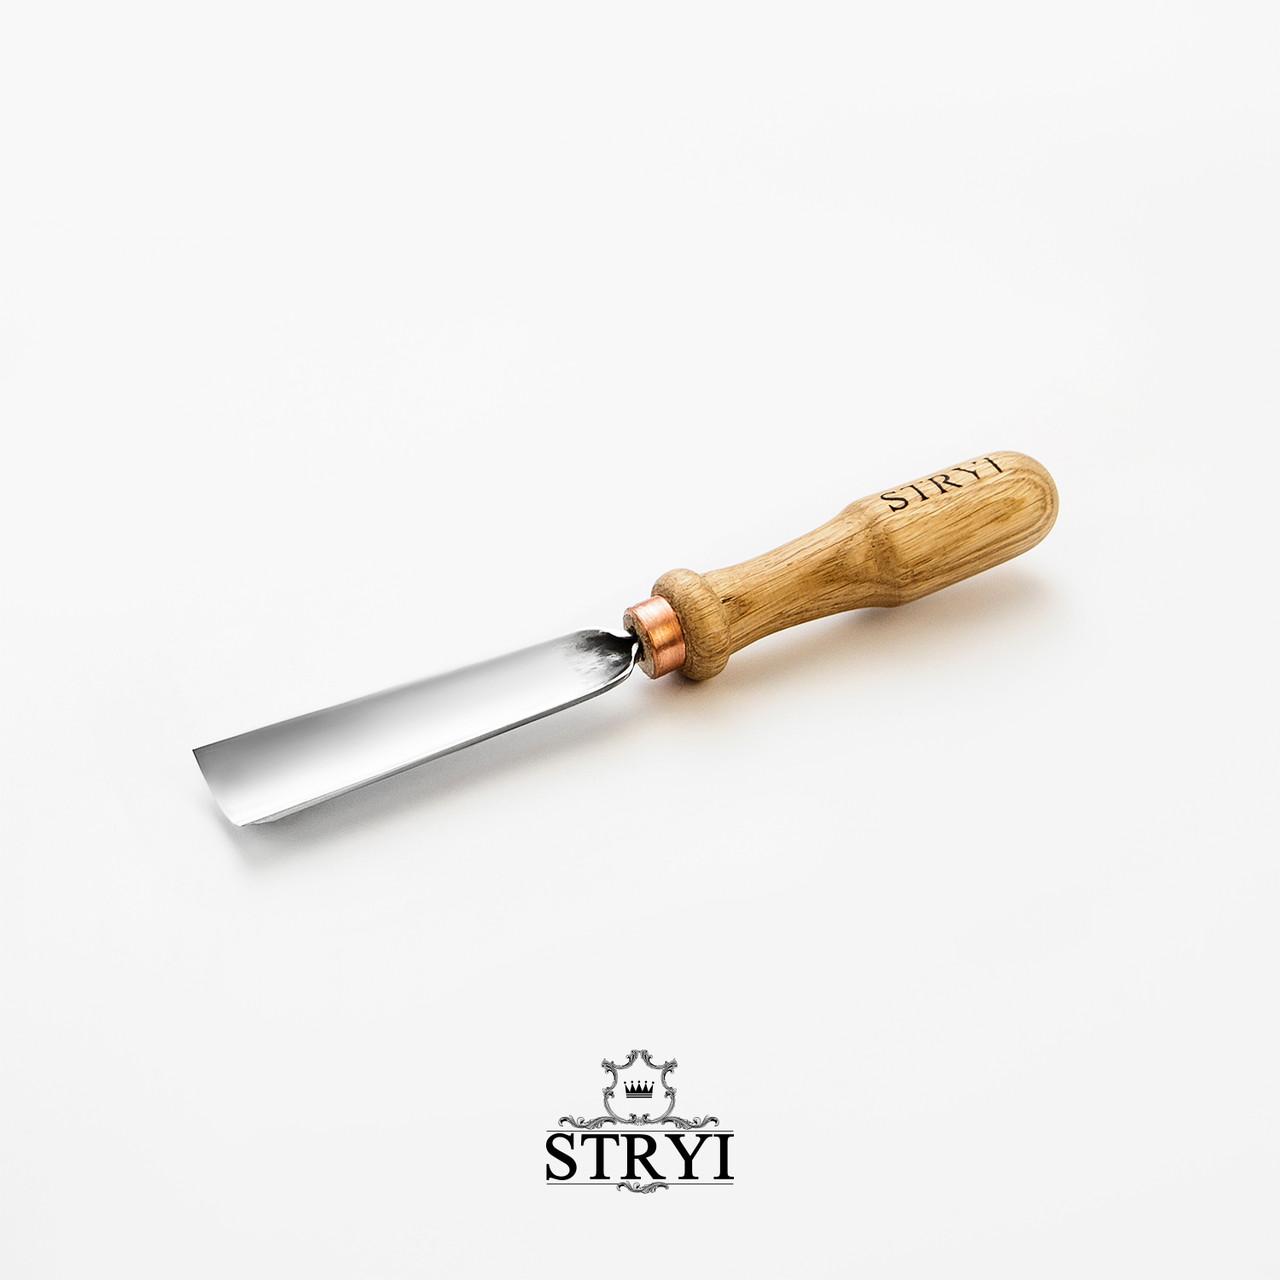 Стамеска пологий 30мм №7 для різьби по дереву STRYI